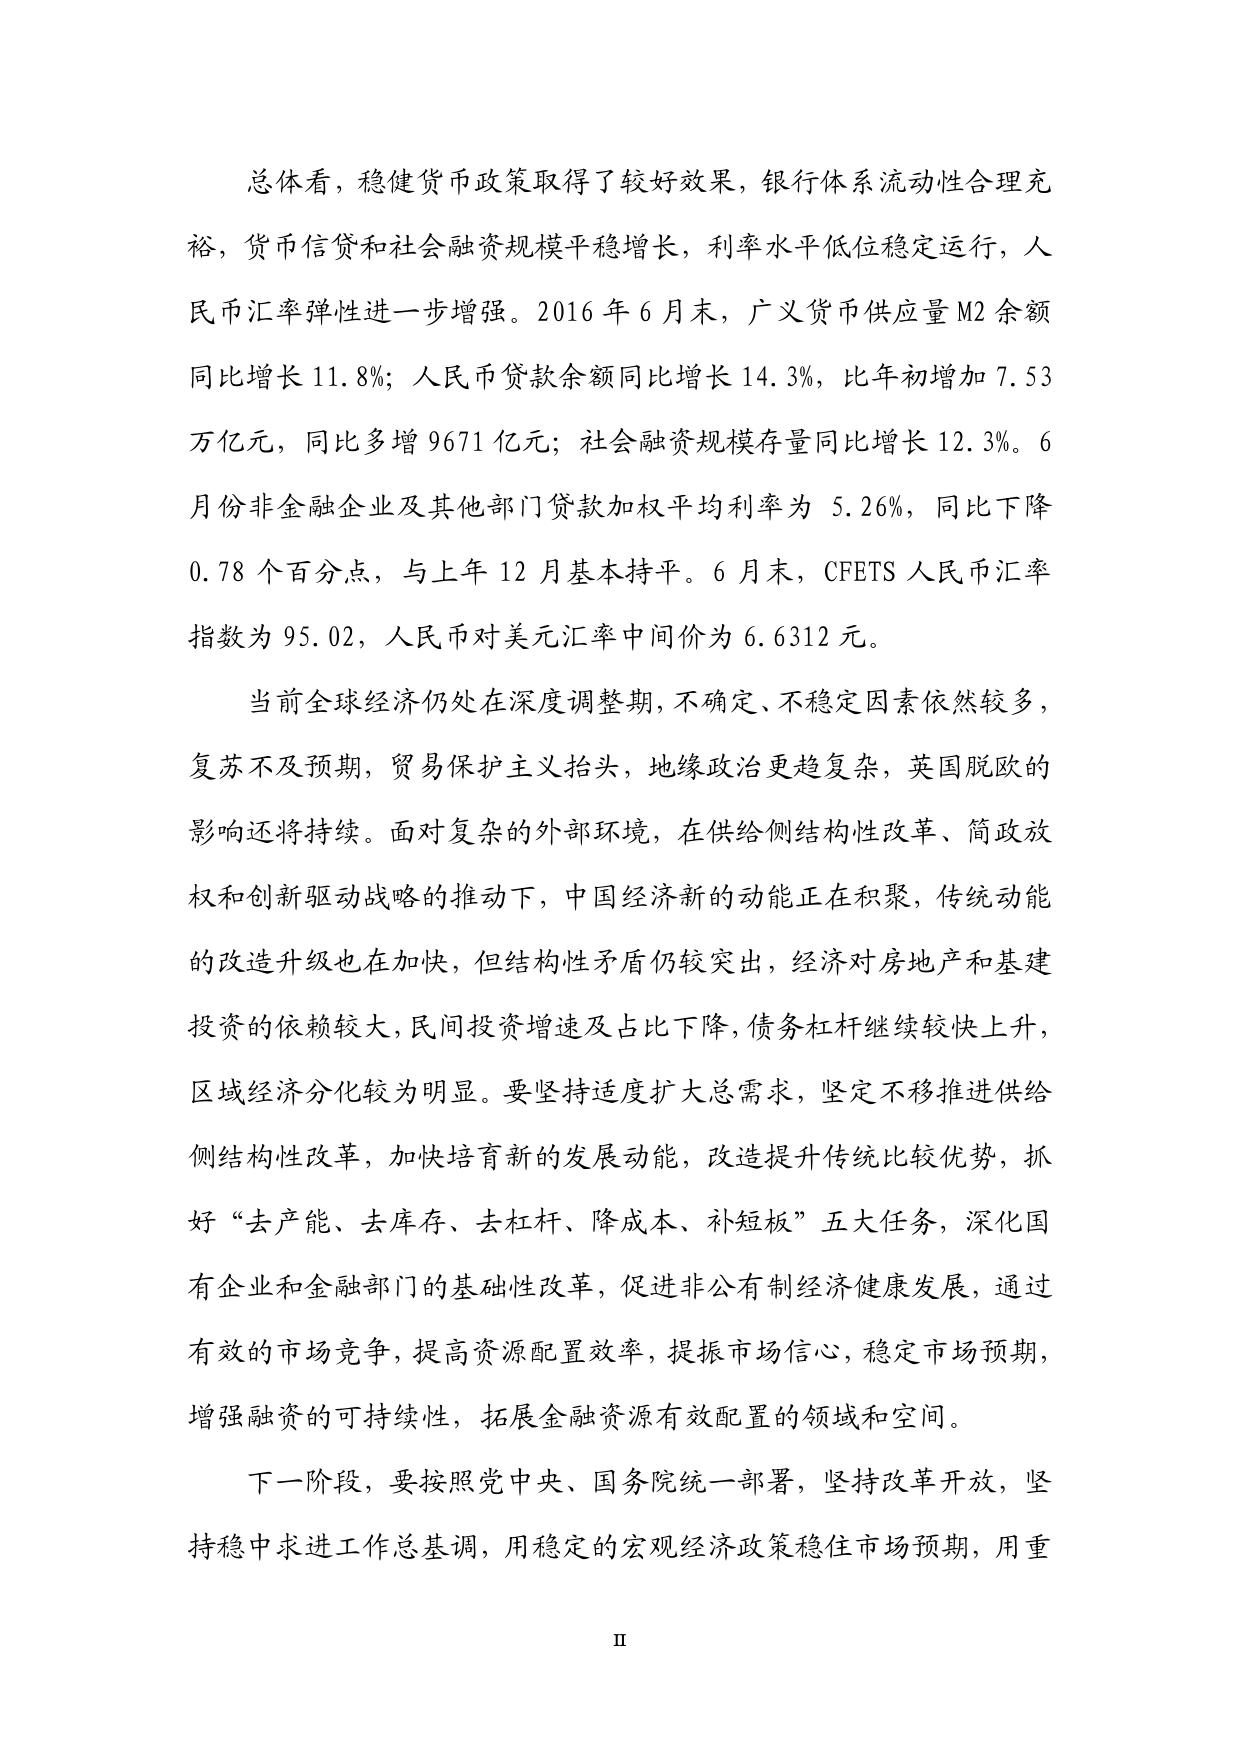 2016年Q2中国货币政策执行报告_000003